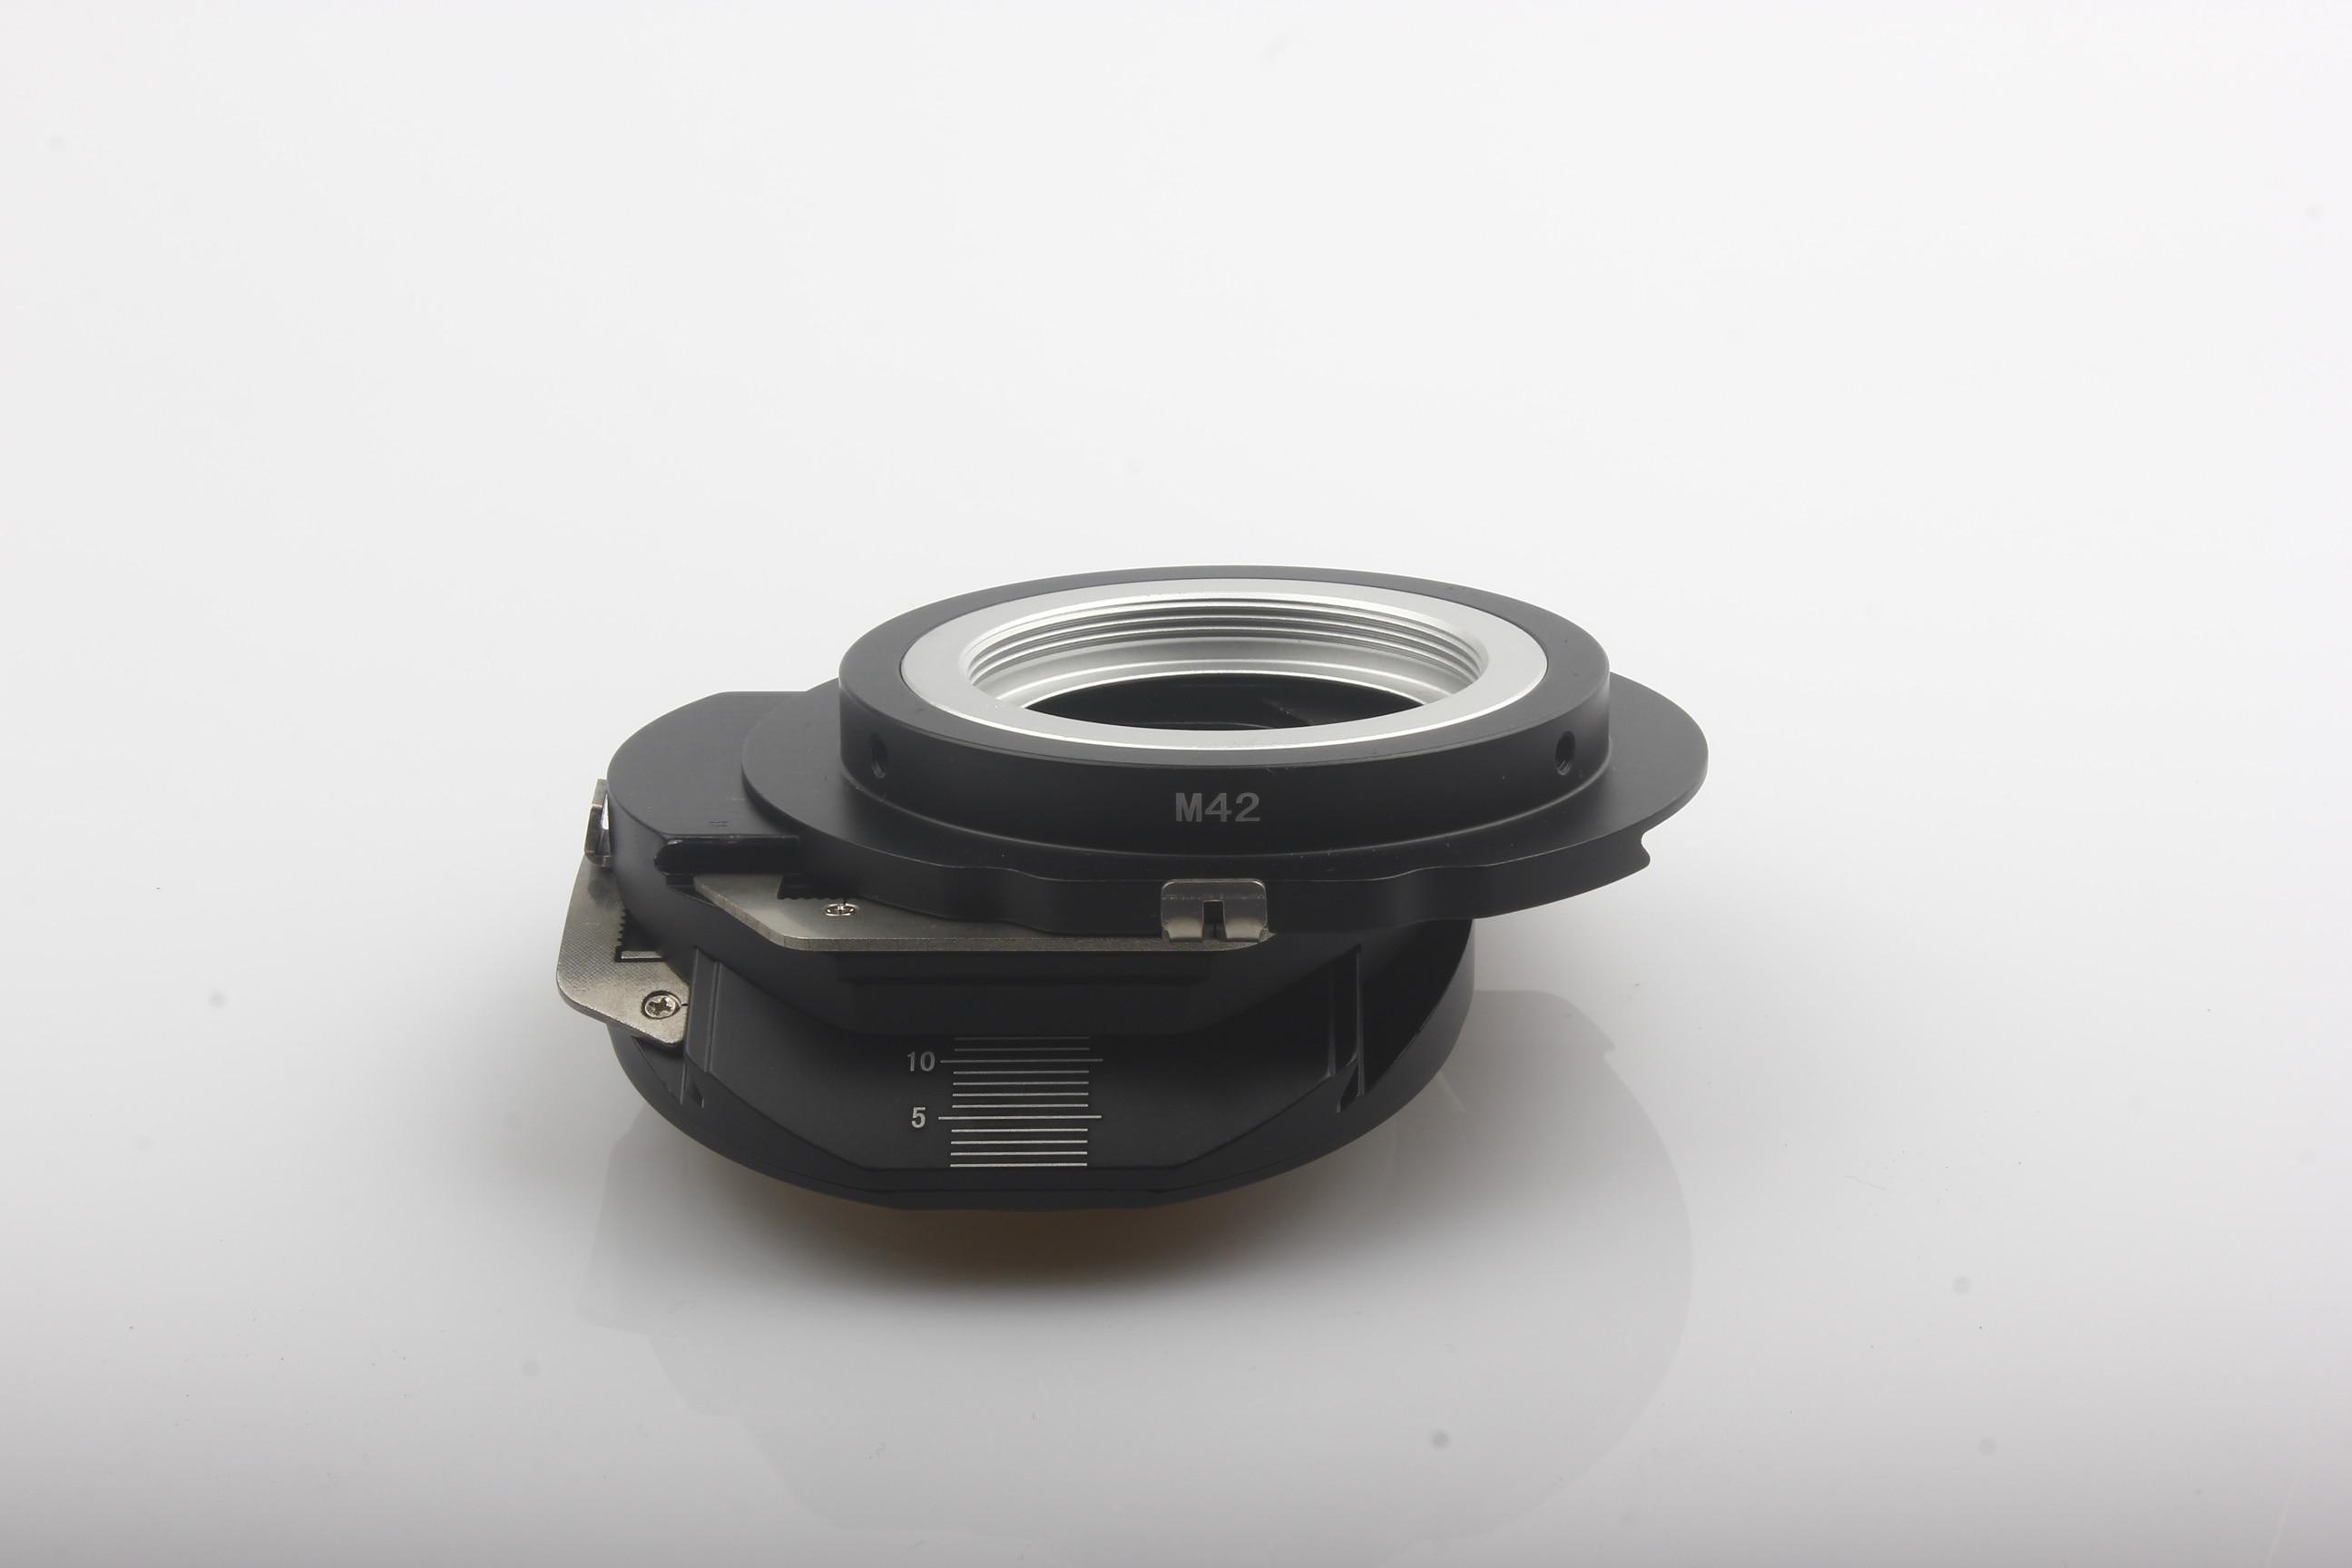 Adaptateur pour objectif M42 42 à monture sony E nex NEX-3/C3/5/6/7 A7 A7II A7r a7r3 a9 A5100 A7s A6500 A6300